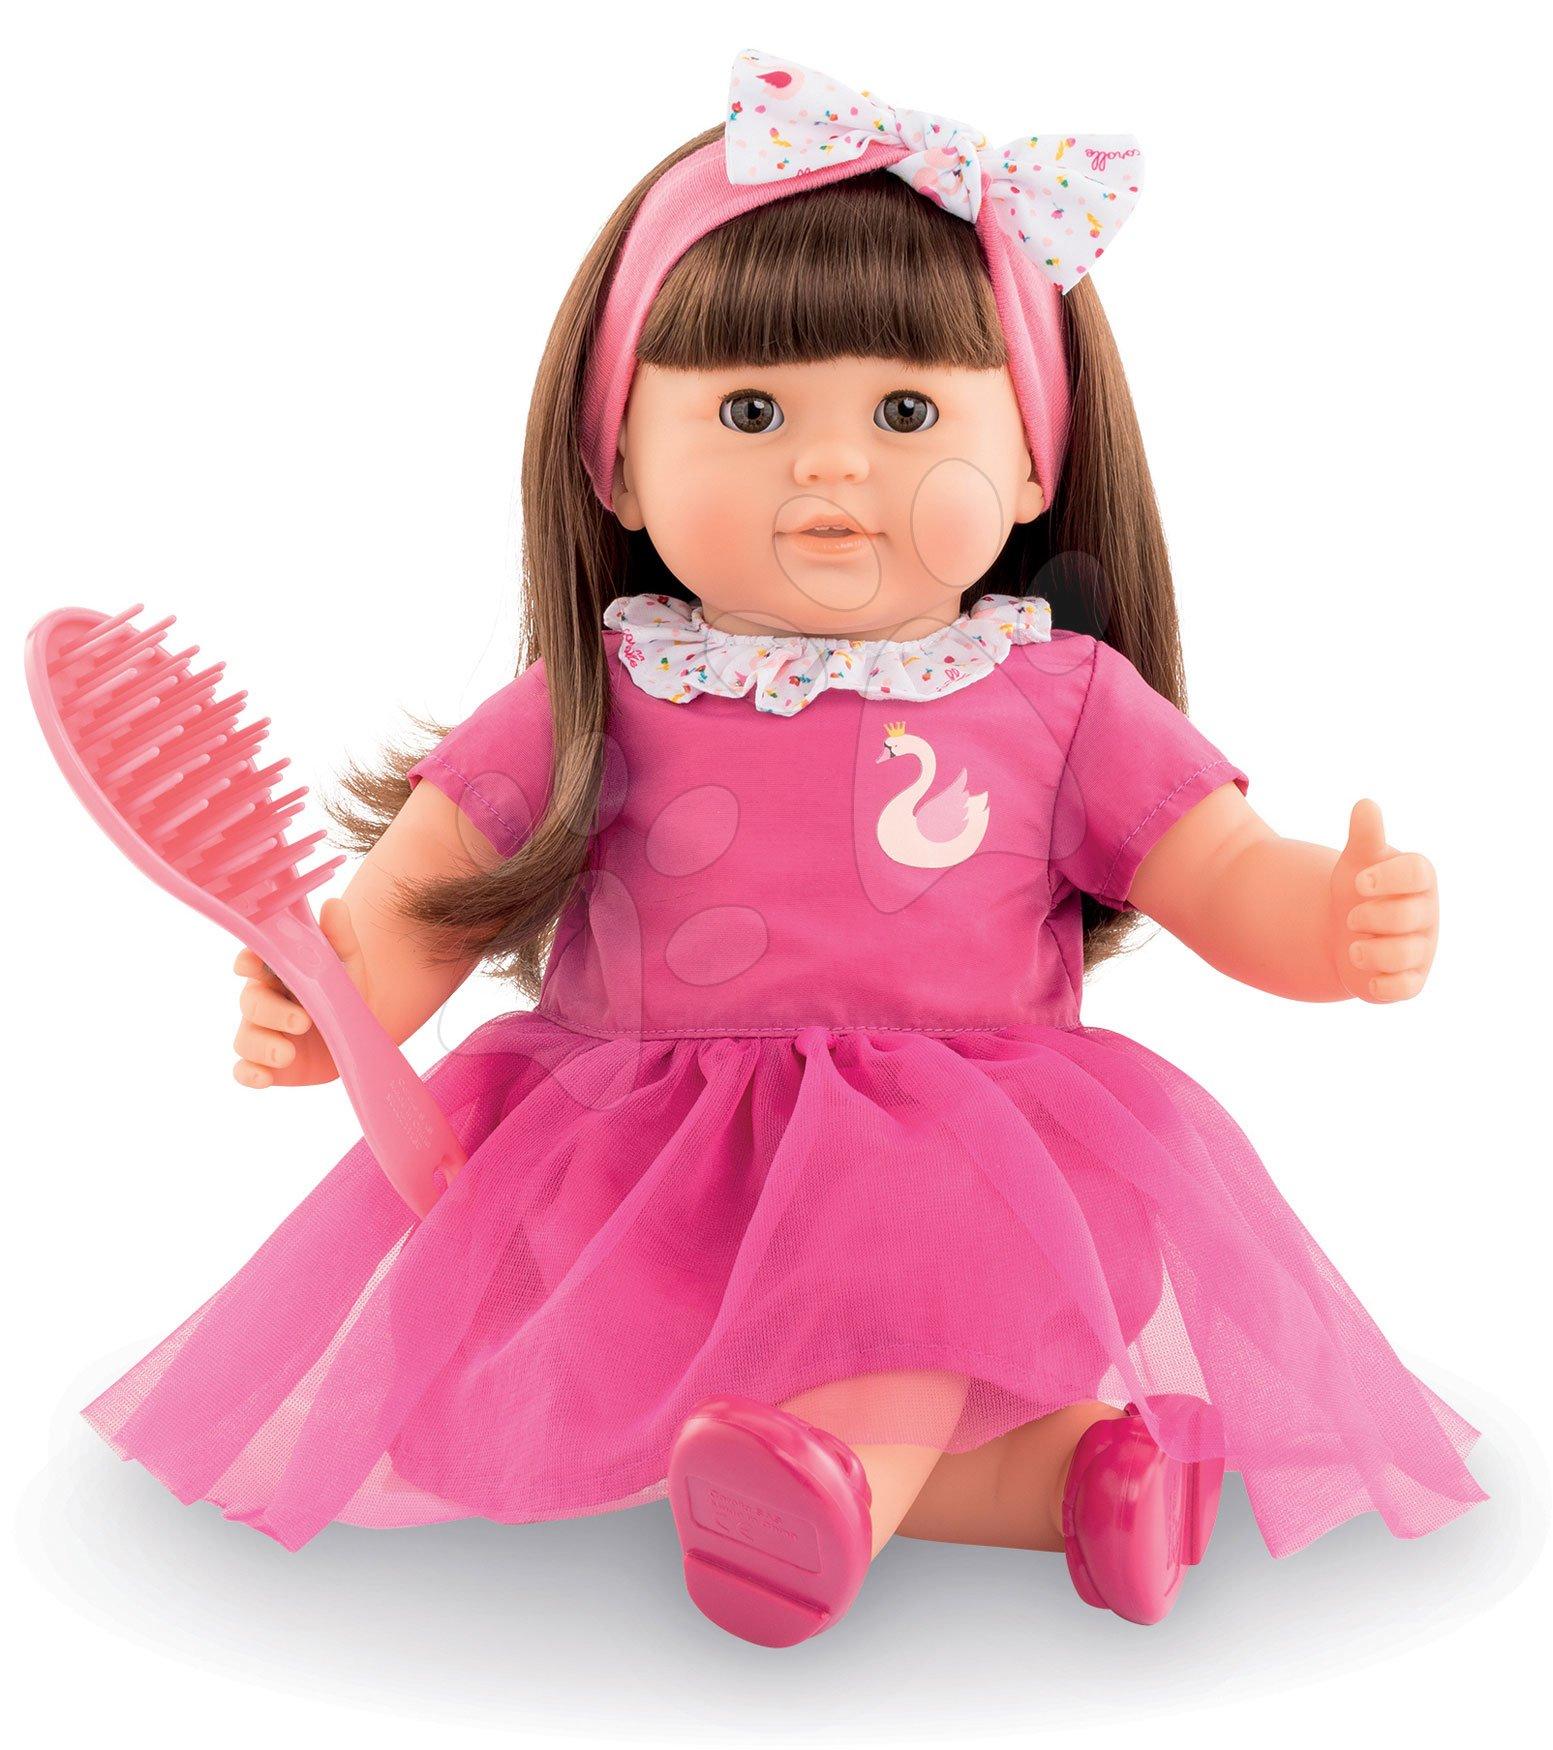 Hračky pre bábätká - Bábika Alice s hnedými vlasmi Mon Grand Poupon Corolle 36 cm s hnedými klipkajúcimi očami a hrebeňom od 3 rokov